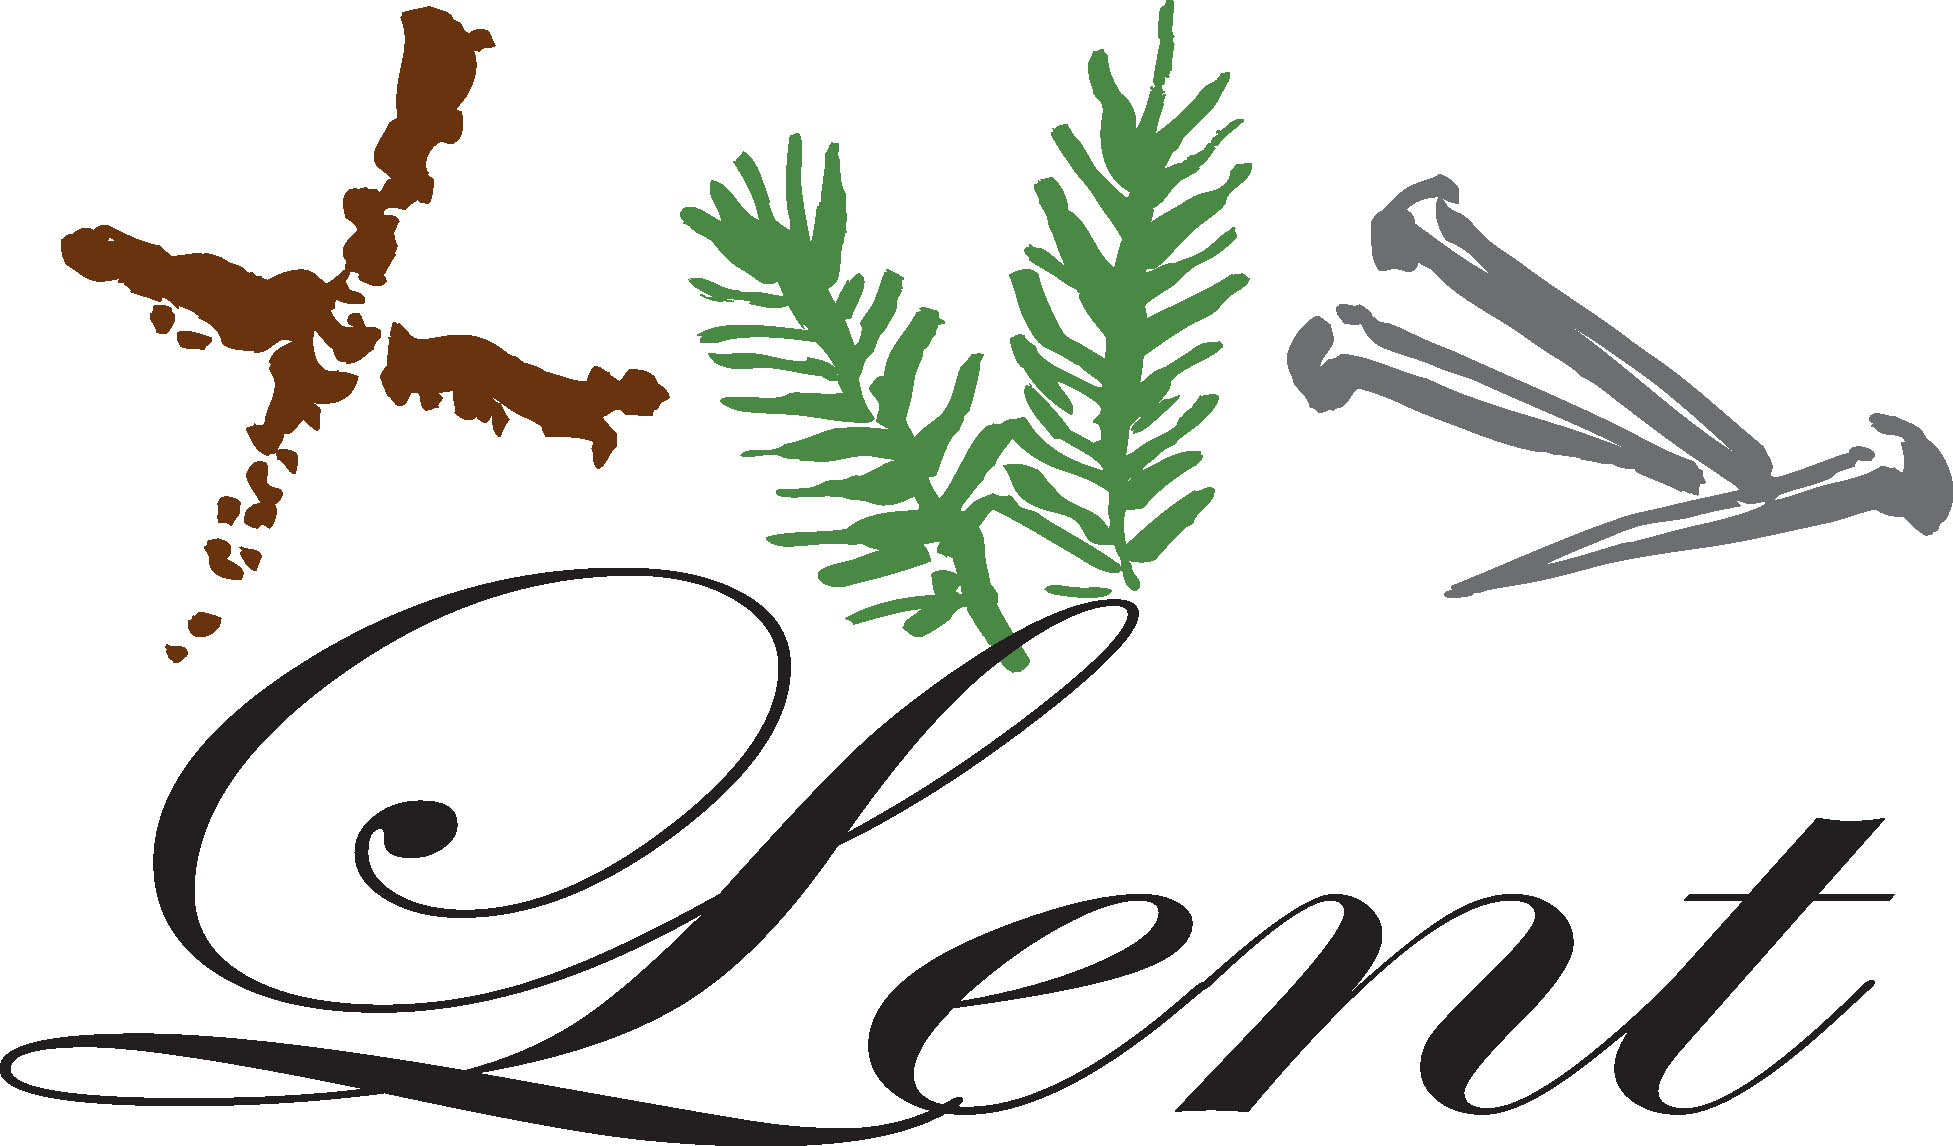 578 Lent free clipart.